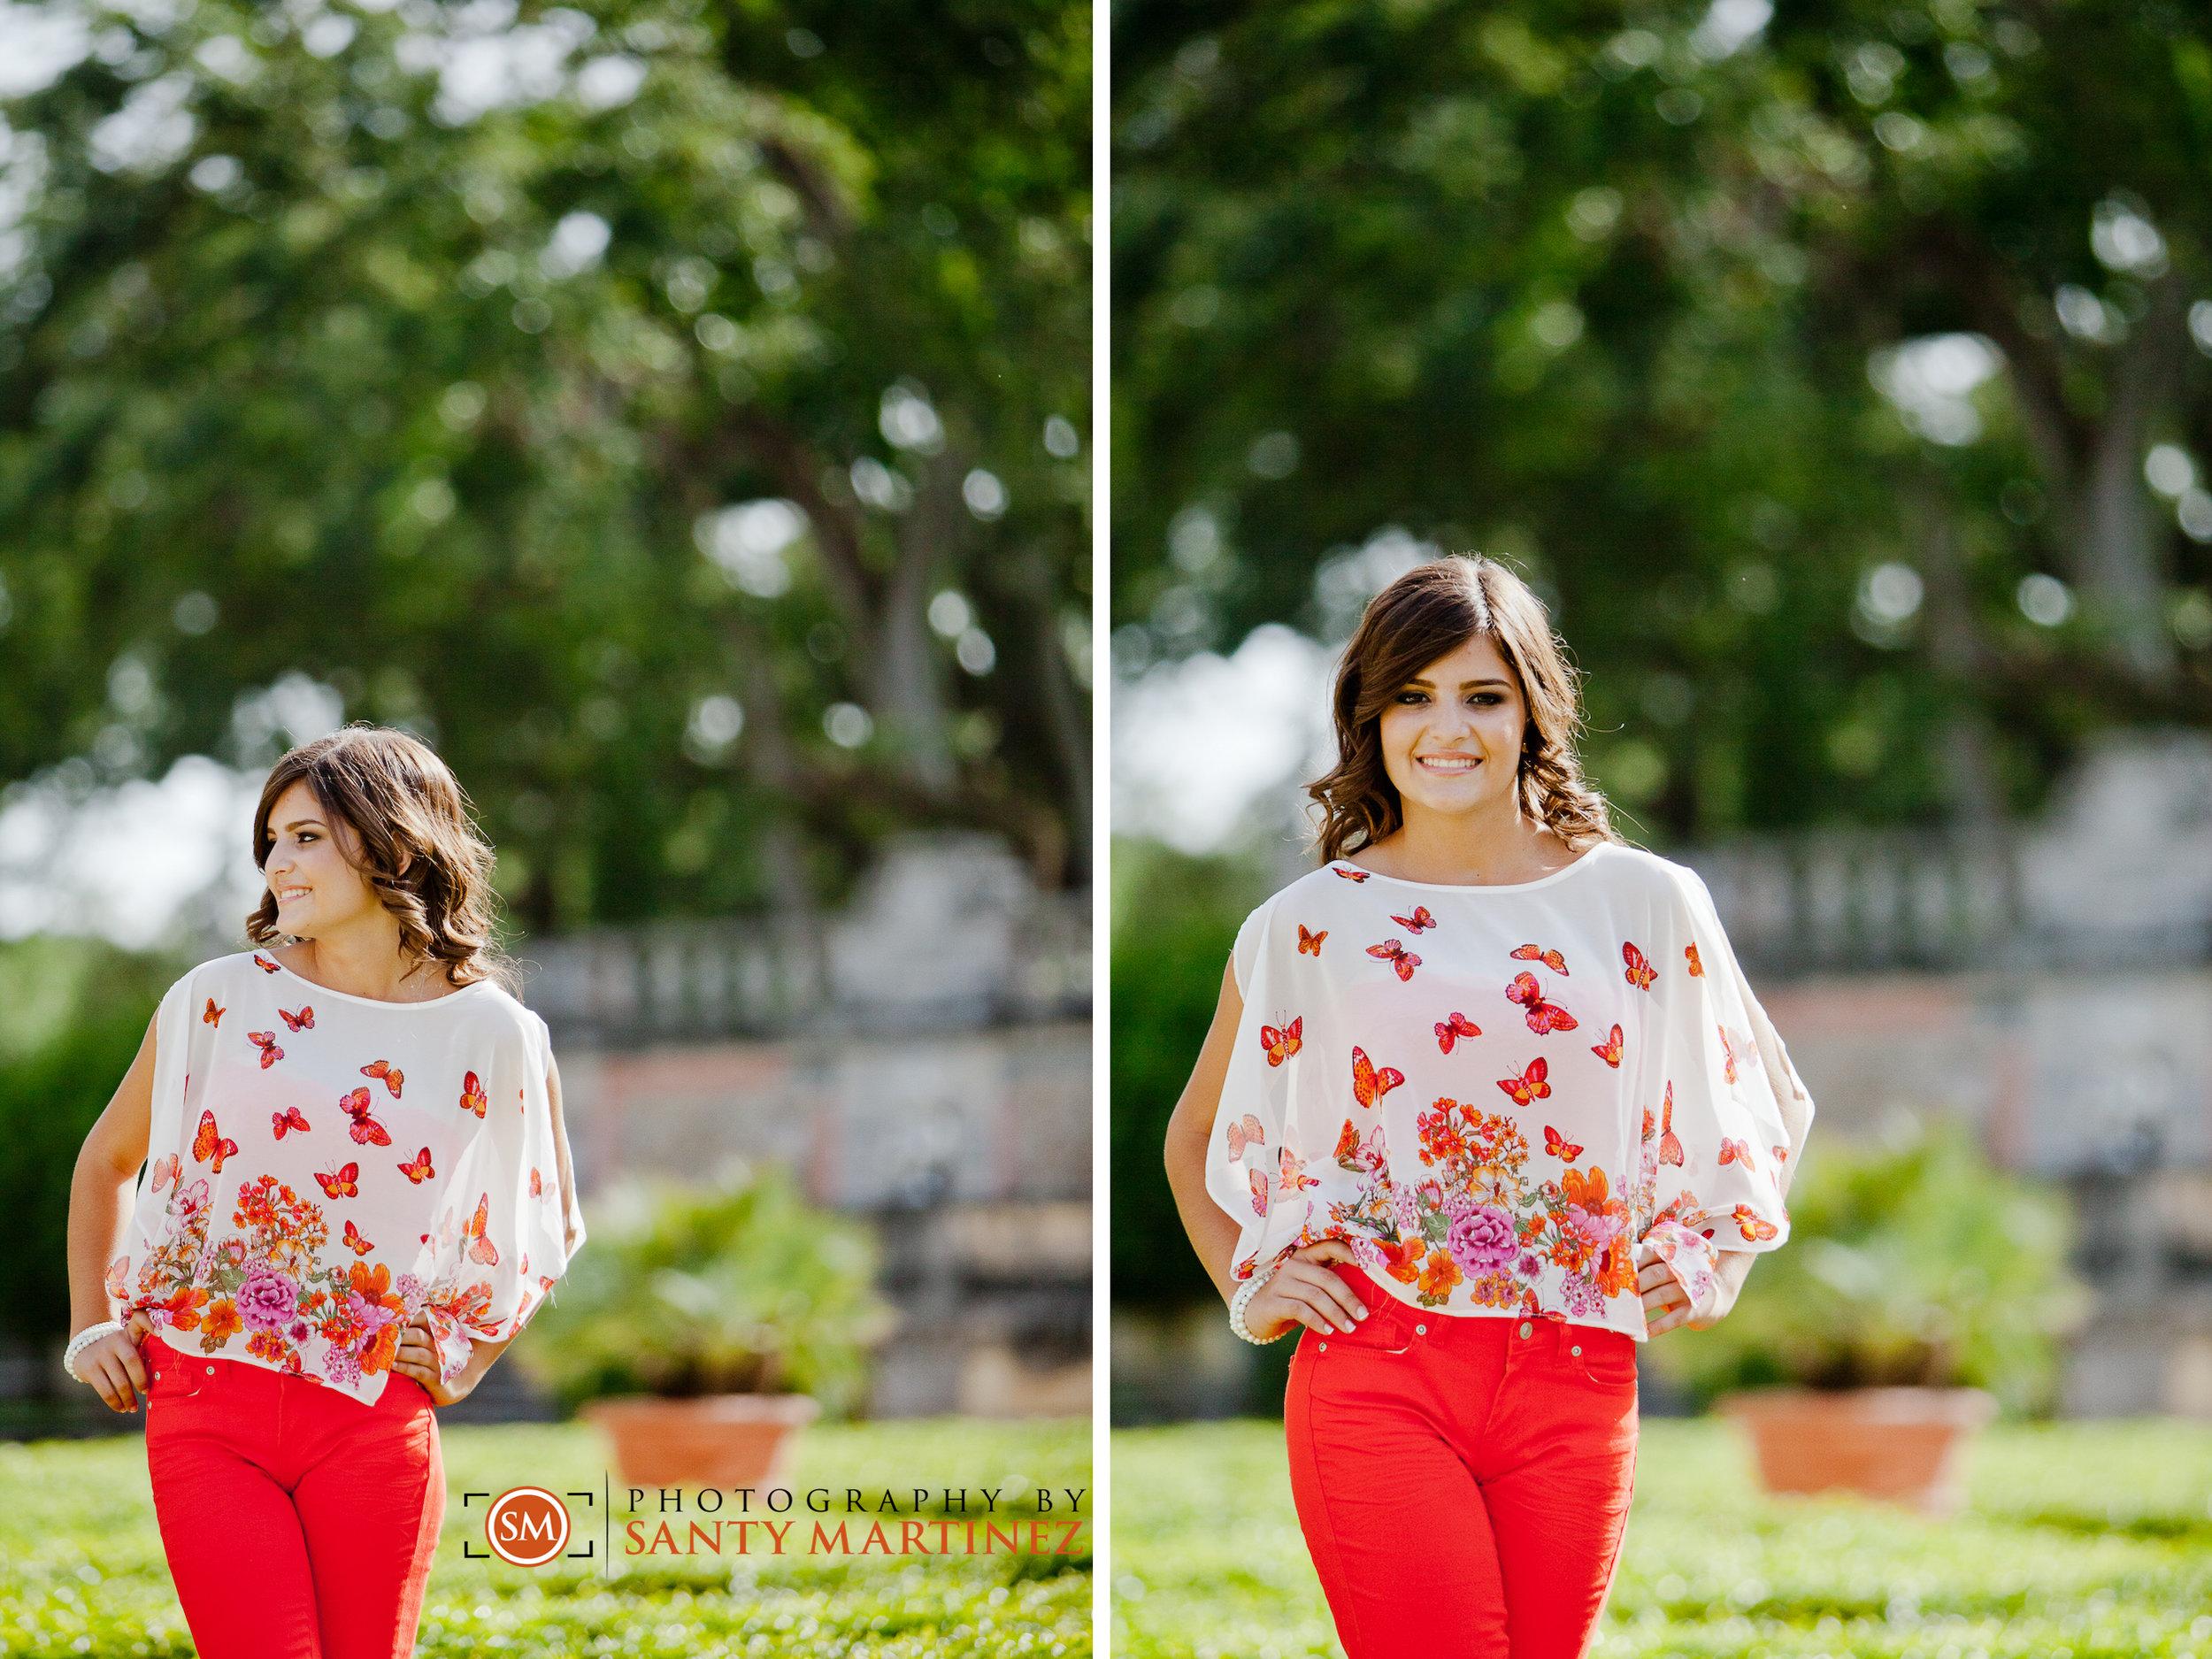 Miami Quinces Photographers - Santy Martinez -22.jpg